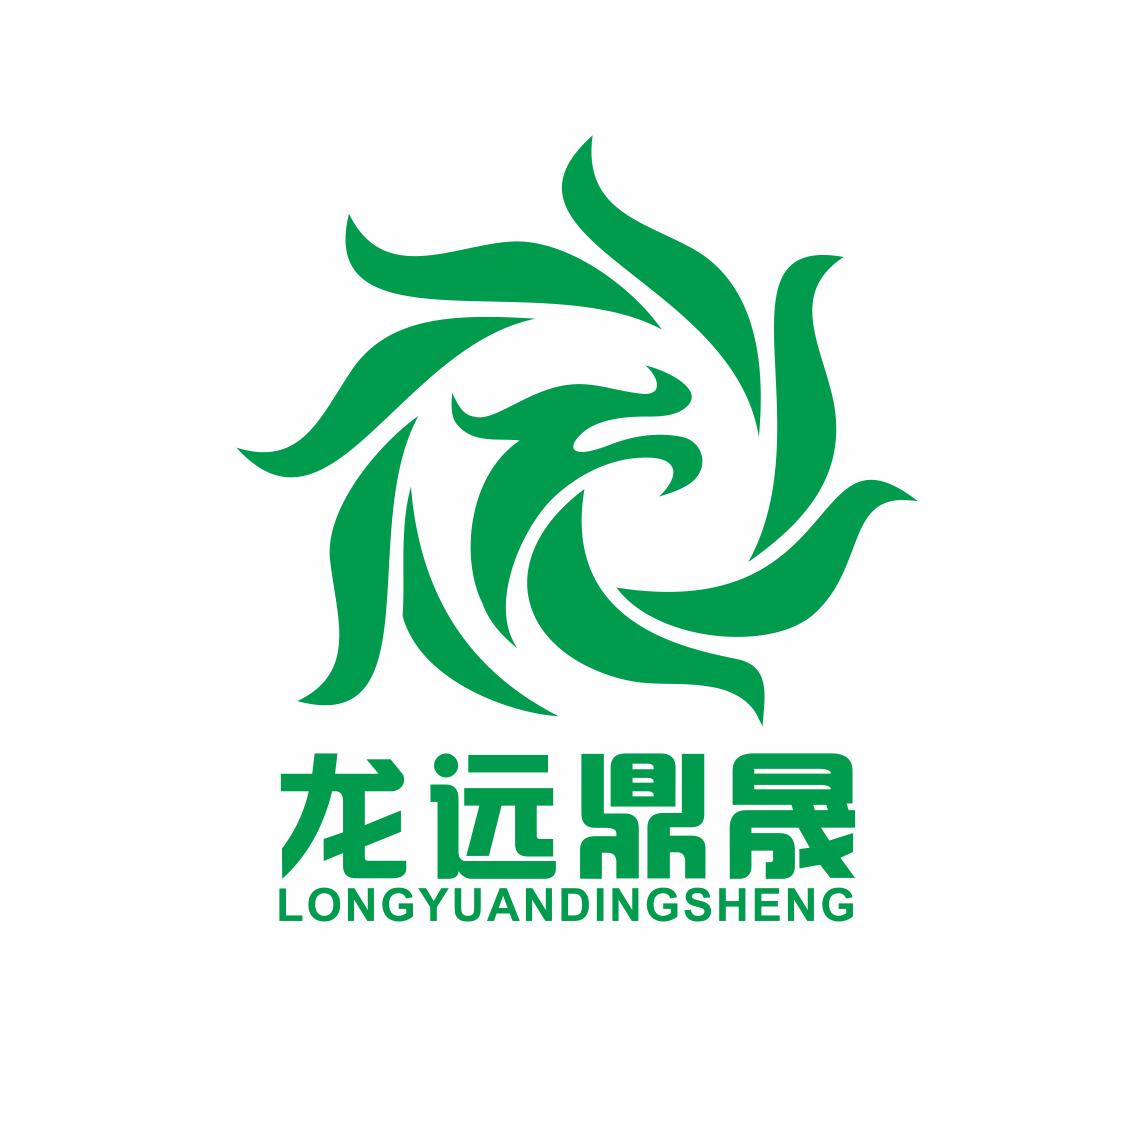 北京通航logo 矢量图